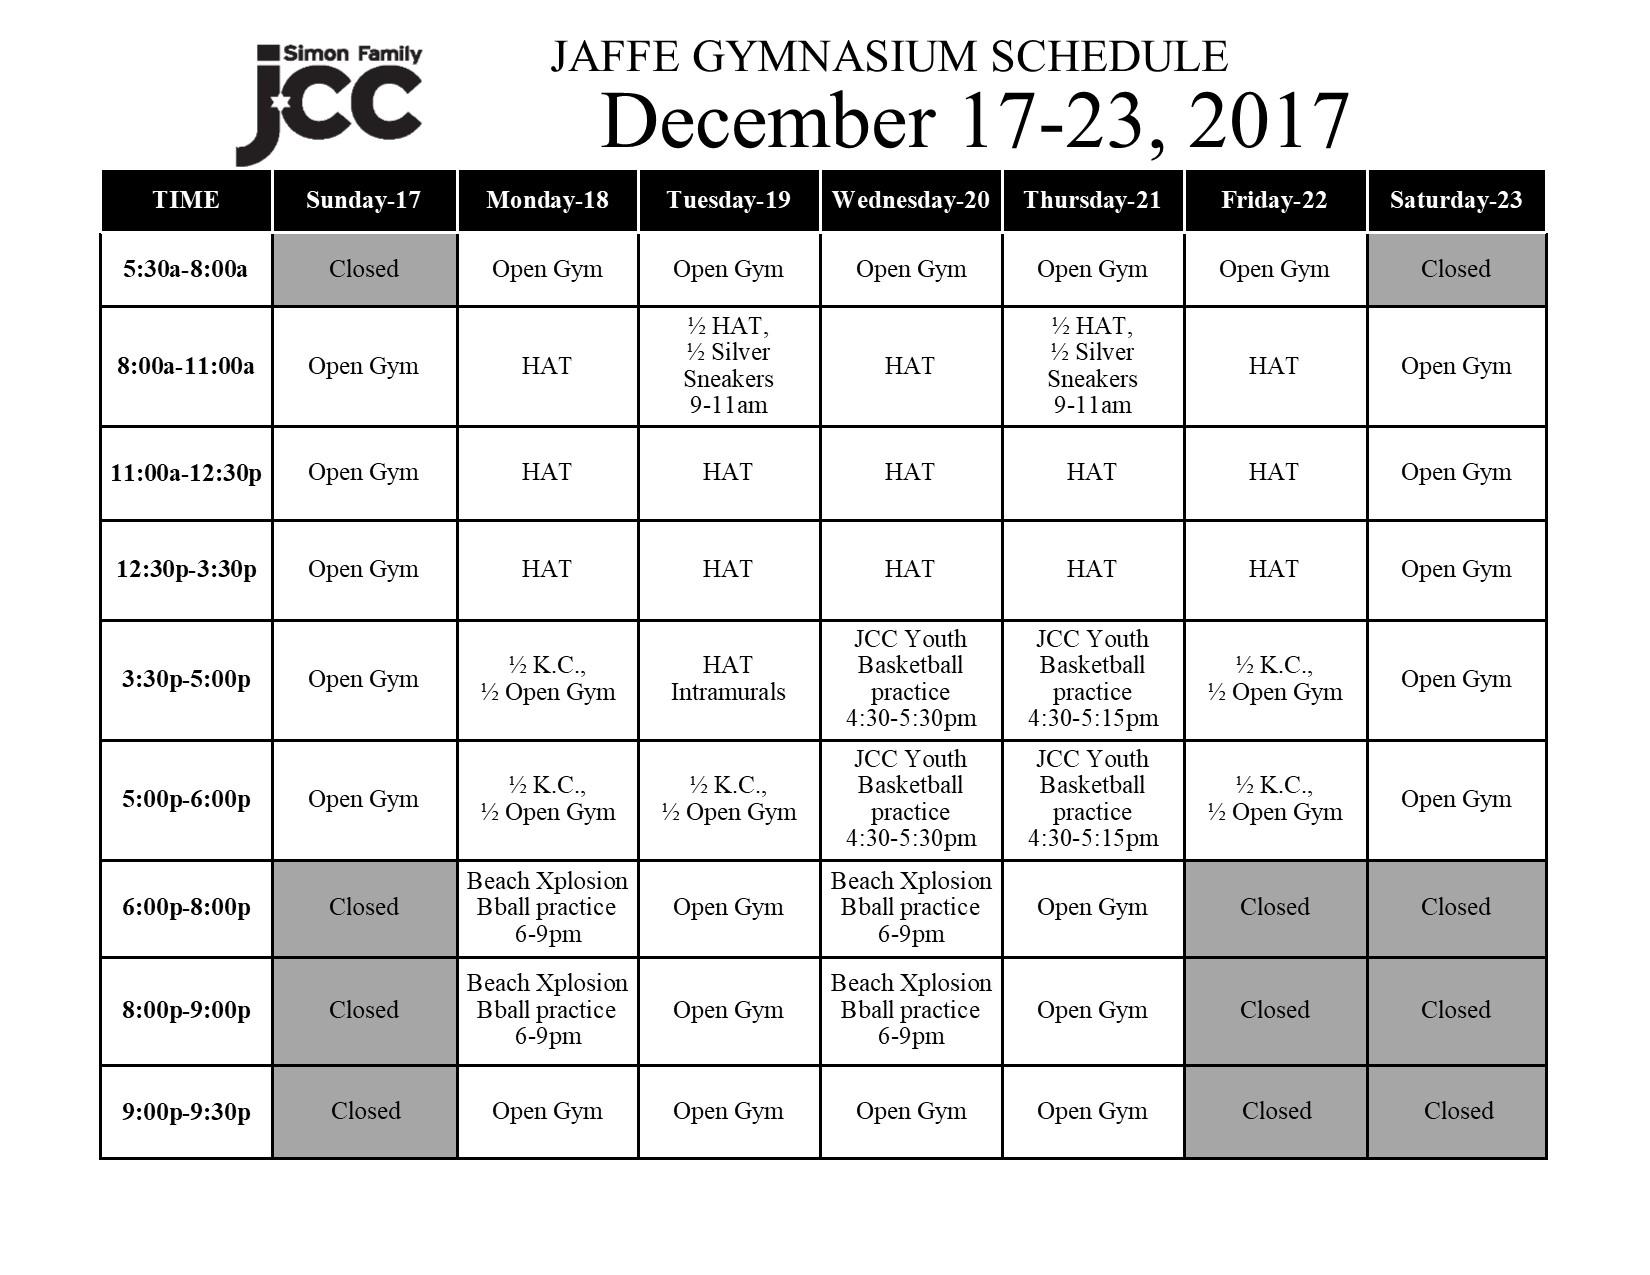 December 17-23 2017 Jaffe Gym Schedule